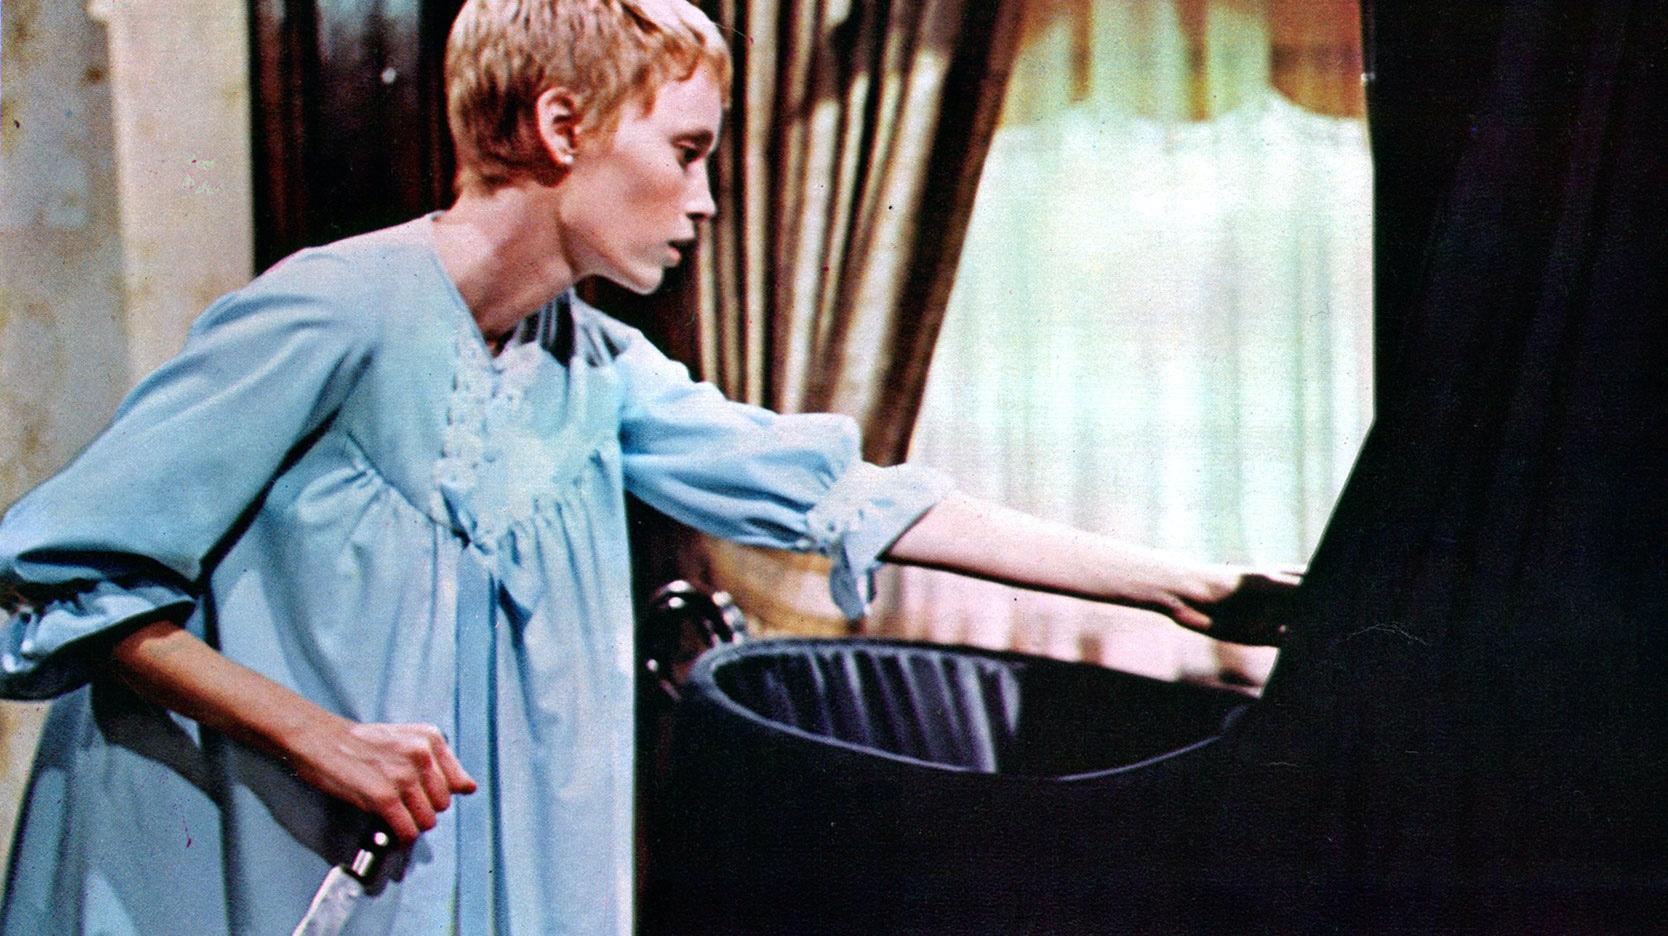 mia farrow rosemary's baby movie